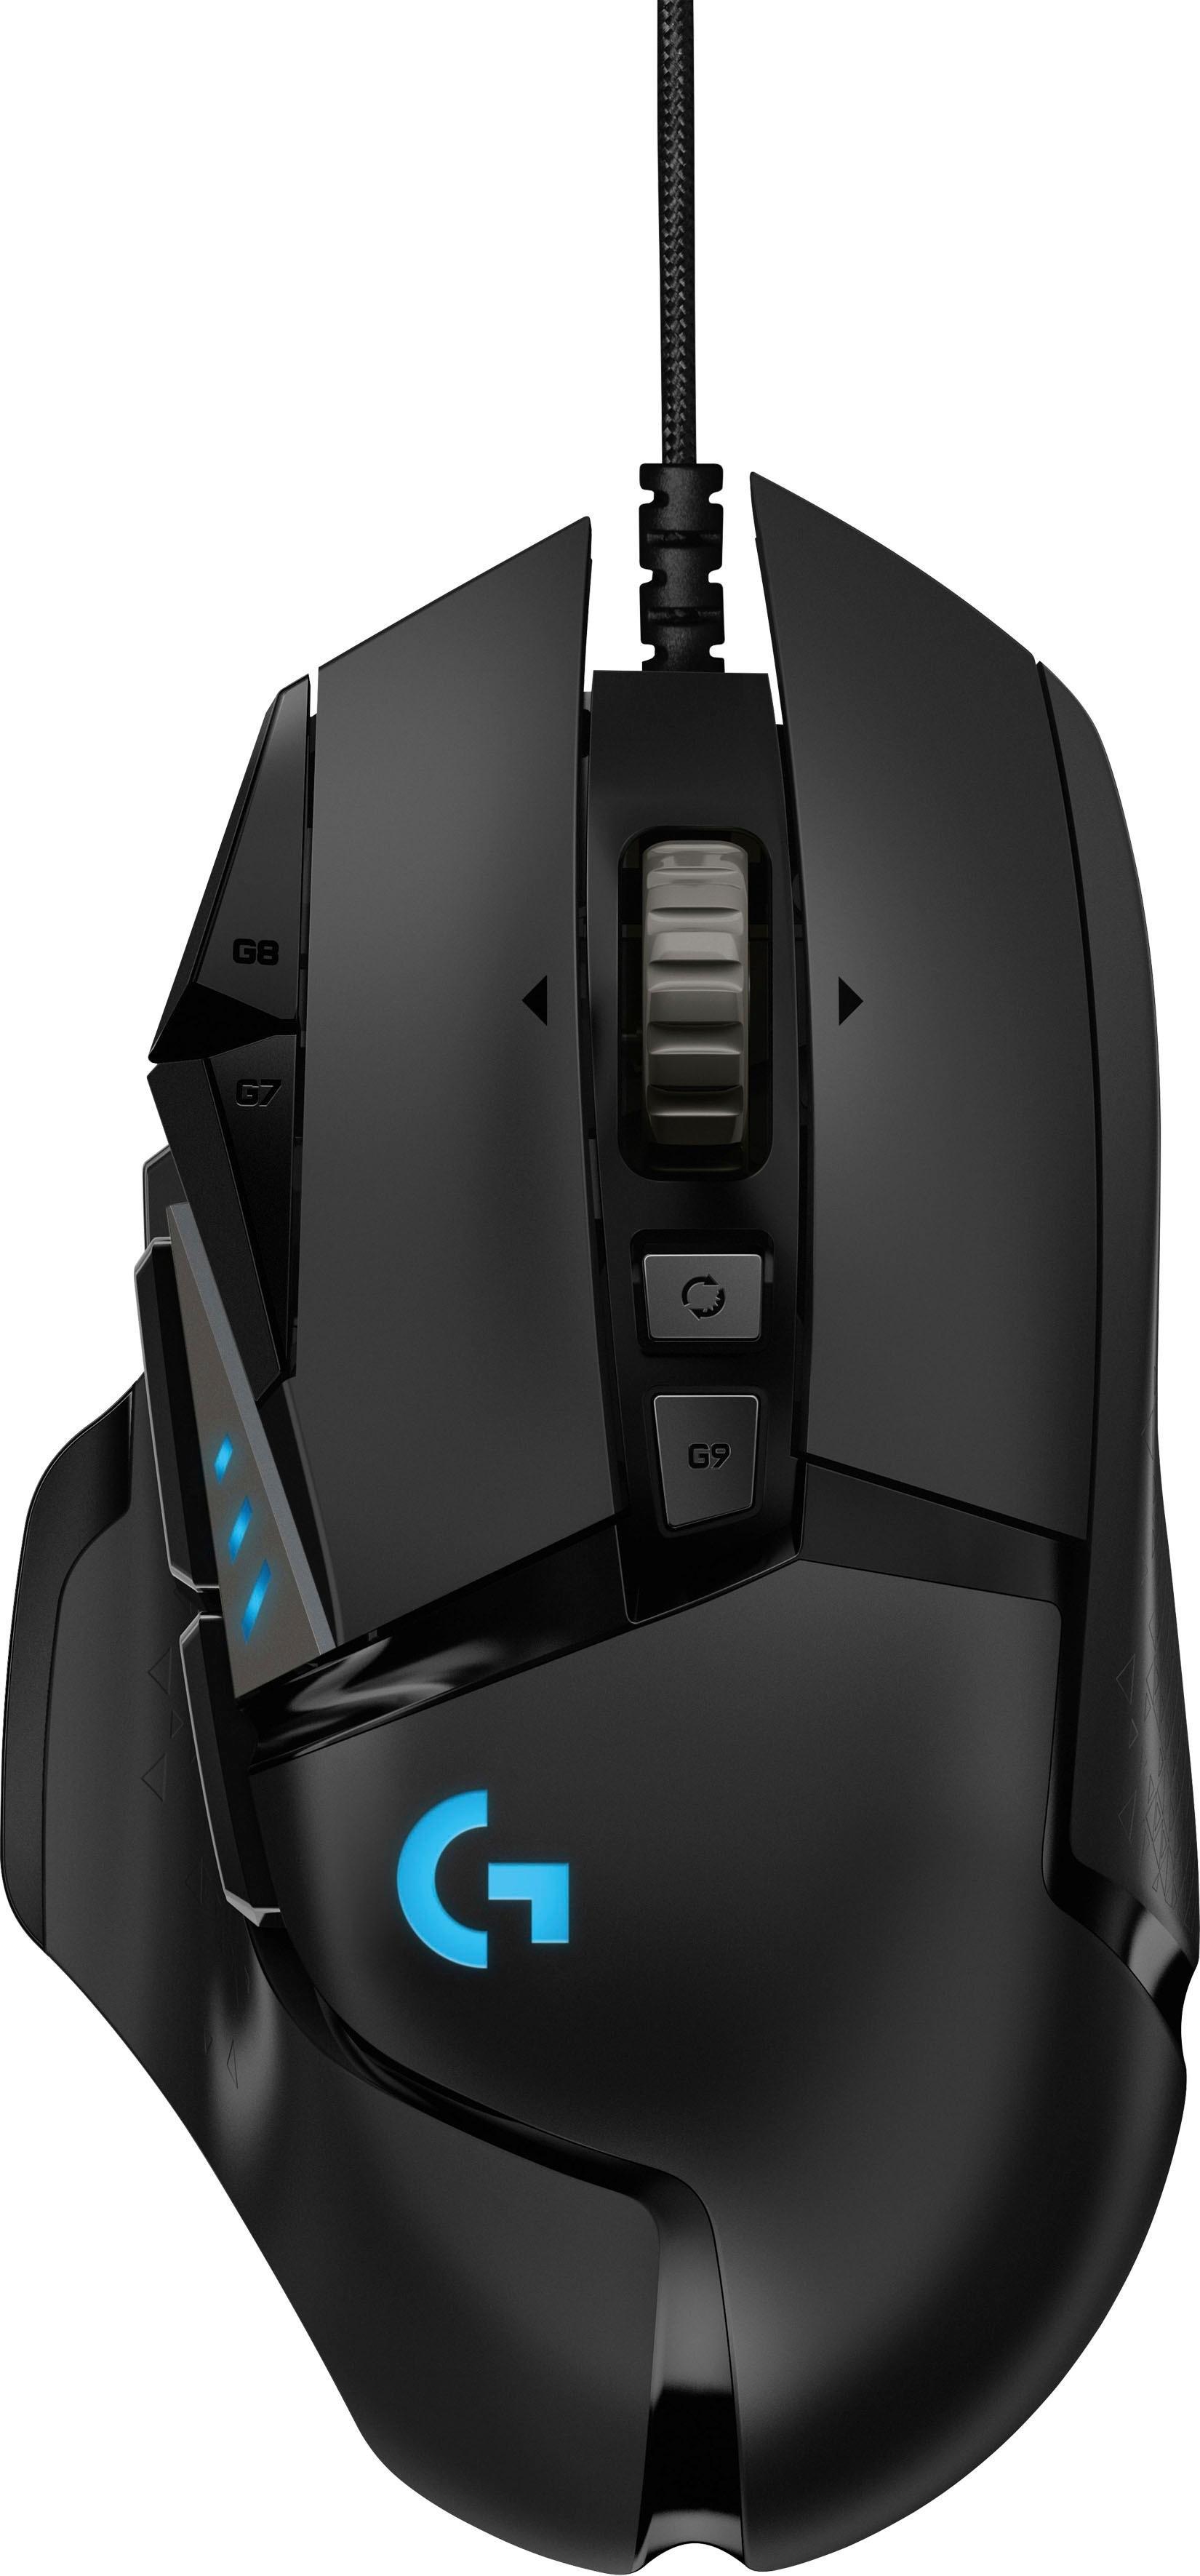 Logitech Games Logitech »G502 HERO High Performance« gaming-muis (bedraad, 16.000 dpi) nu online kopen bij OTTO